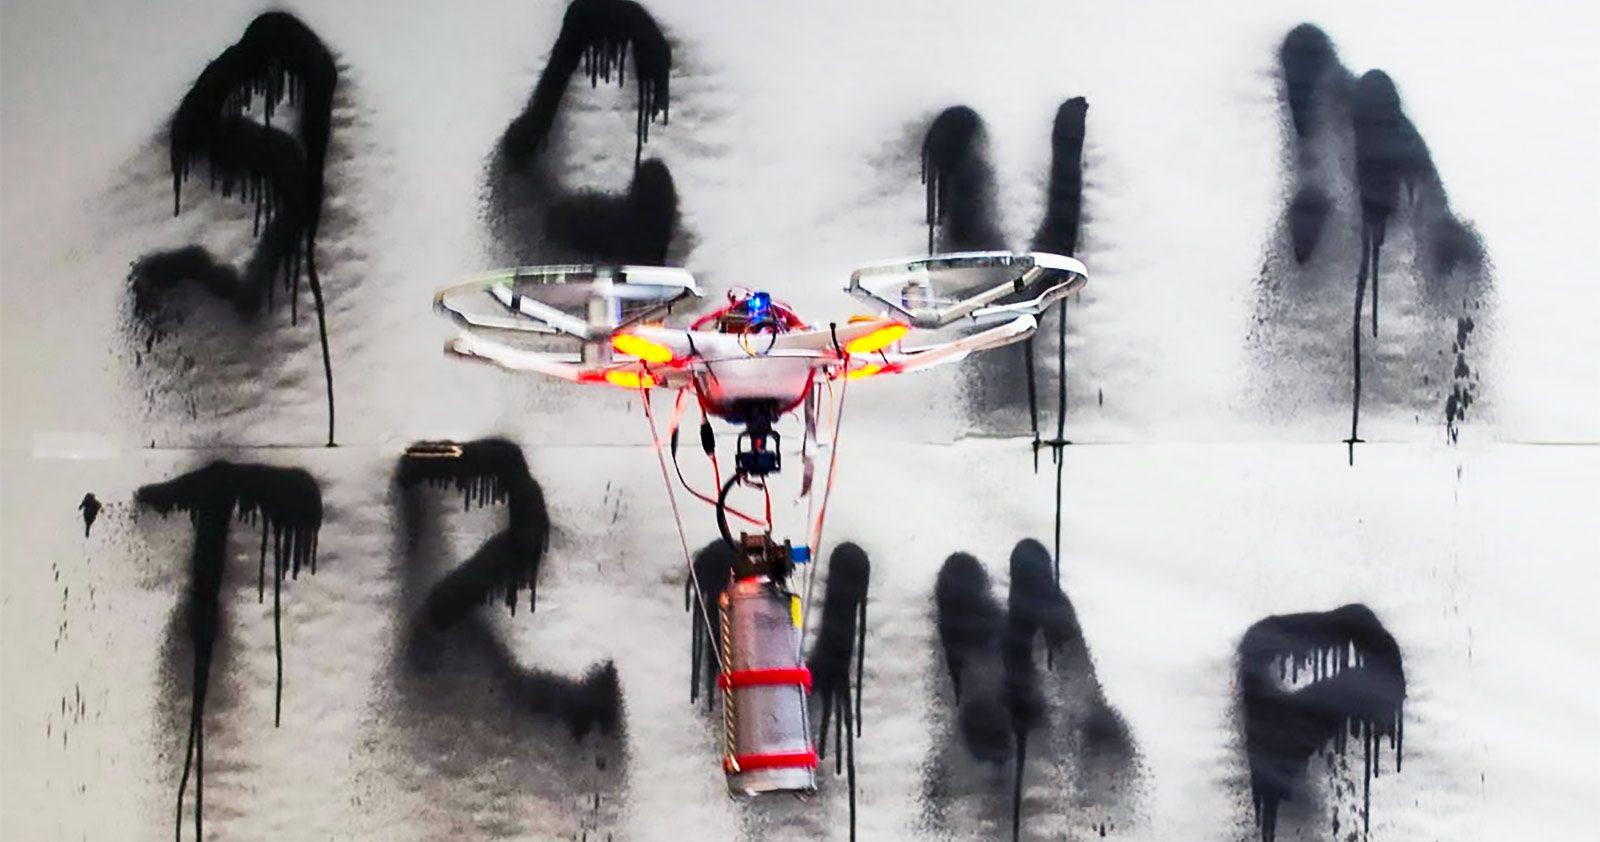 Peindre au drone... la fin du Graffiti, ou les prémices d'une nouvelle ère?